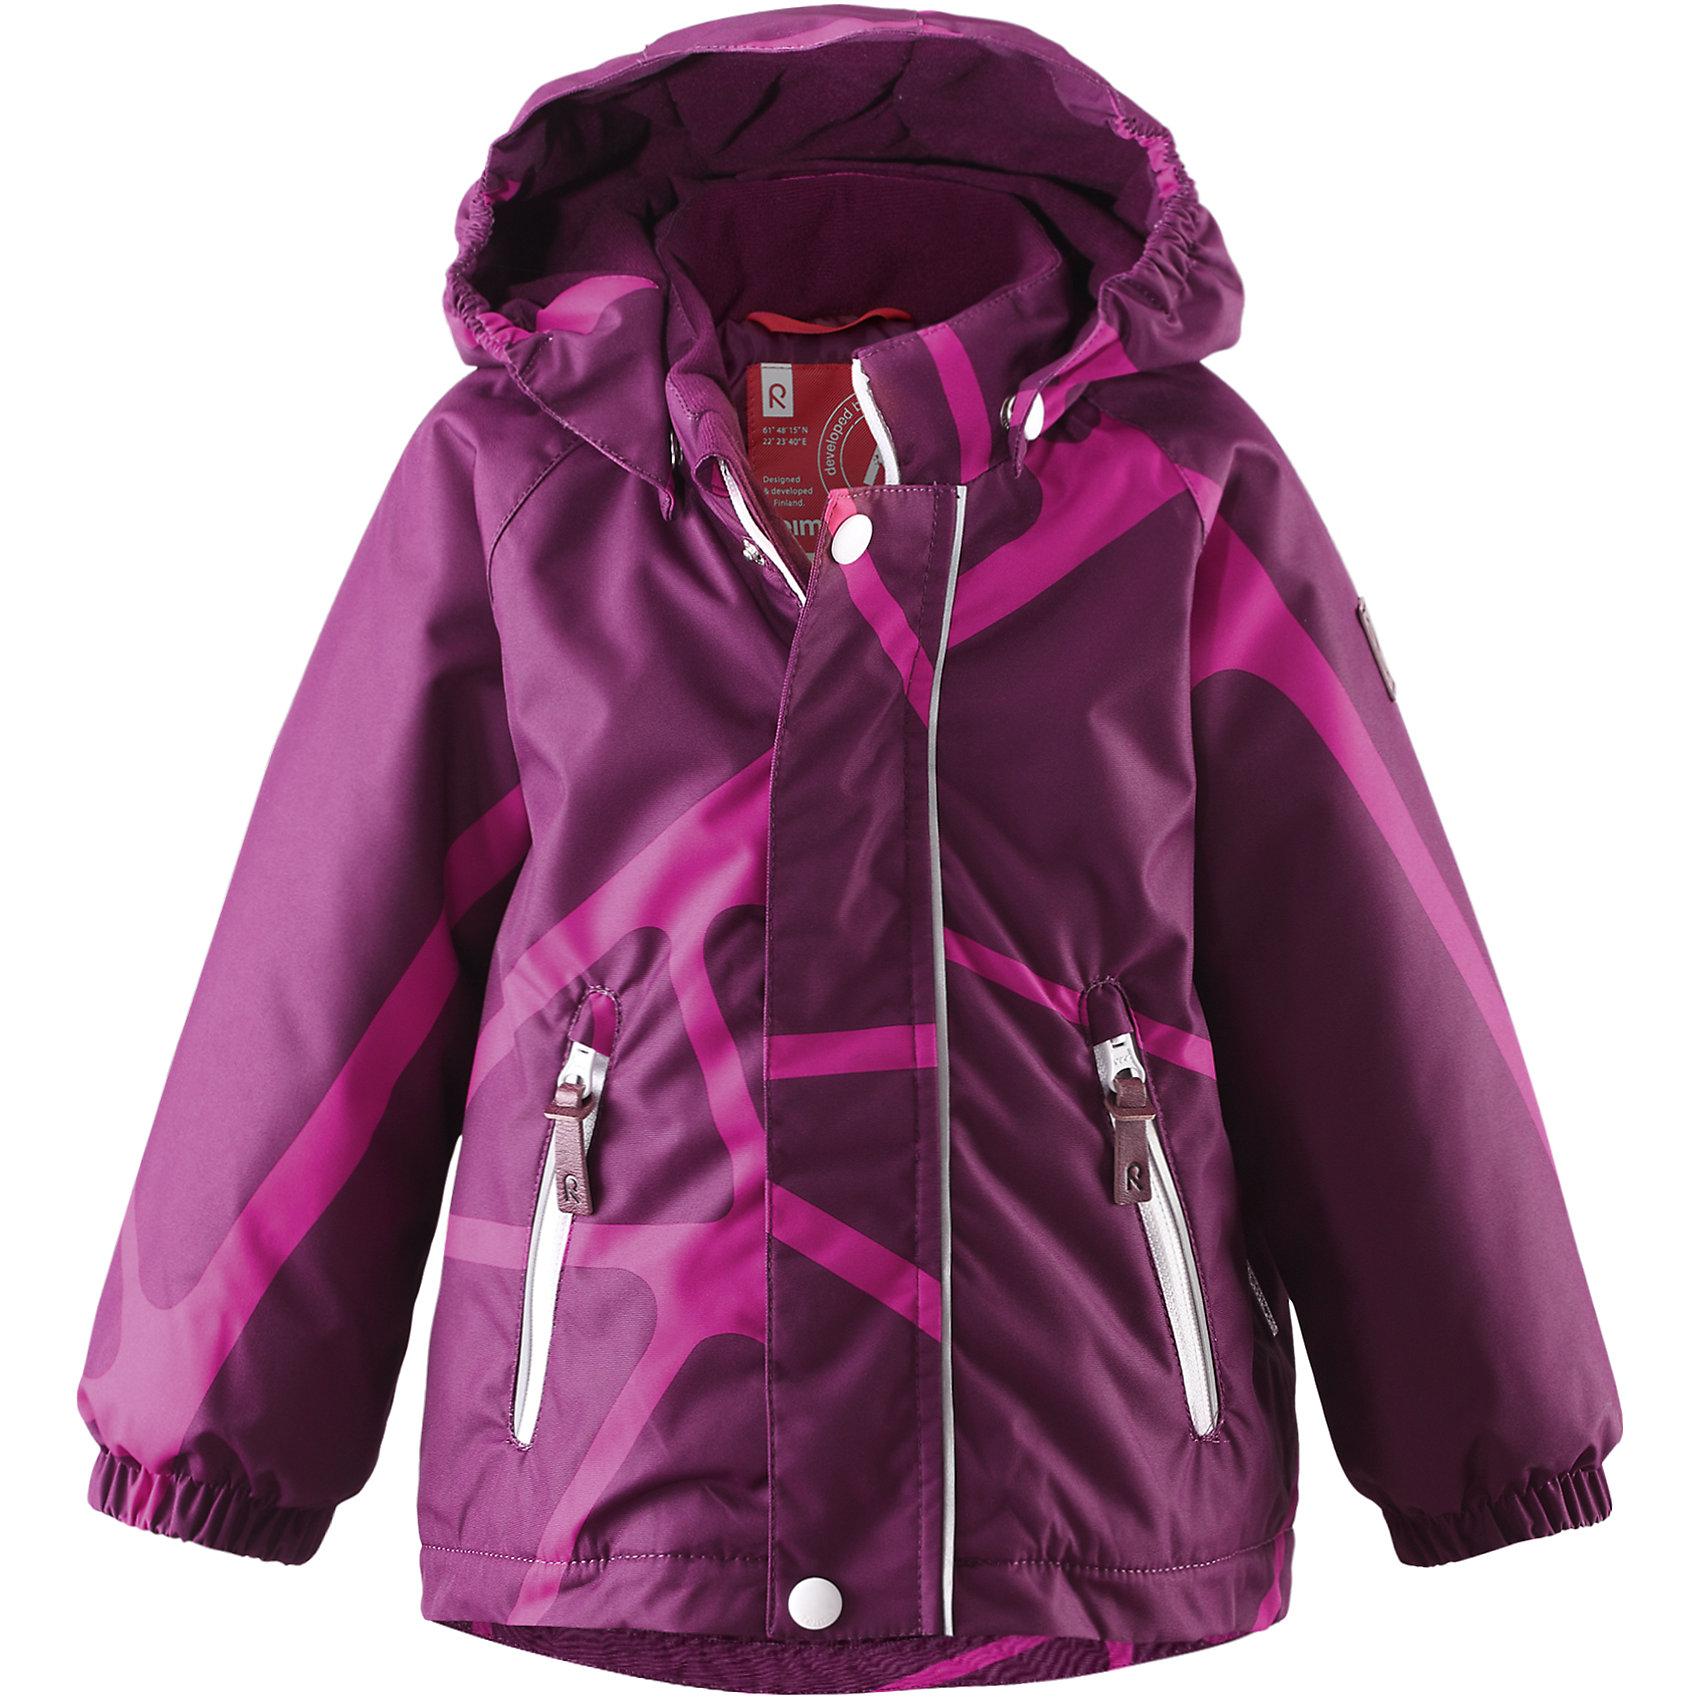 Куртка Seurue для девочки ReimaОдежда<br>Куртка  Reima<br>Зимняя куртка для малышей. Основные швы проклеены и не пропускают влагу. Водо- и ветронепроницаемый, «дышащий» и грязеотталкивающий материал. Гладкая подкладка из полиэстра. Безопасный, съемный капюшон. Эластичные манжеты. Два кармана на молнии. Безопасные светоотражающие детали.<br>Утеплитель: Reima® Soft Loft insulation,160 g<br>Уход:<br>Стирать по отдельности, вывернув наизнанку. Застегнуть молнии и липучки. Стирать моющим средством, не содержащим отбеливающие вещества. Полоскать без специального средства. Во избежание изменения цвета изделие необходимо вынуть из стиральной машинки незамедлительно после окончания программы стирки. Сушить при низкой температуре.<br>Состав:<br>100% Полиамид, полиуретановое покрытие<br><br>Ширина мм: 356<br>Глубина мм: 10<br>Высота мм: 245<br>Вес г: 519<br>Цвет: фиолетовый<br>Возраст от месяцев: 9<br>Возраст до месяцев: 12<br>Пол: Женский<br>Возраст: Детский<br>Размер: 80,92,98,86<br>SKU: 4776006